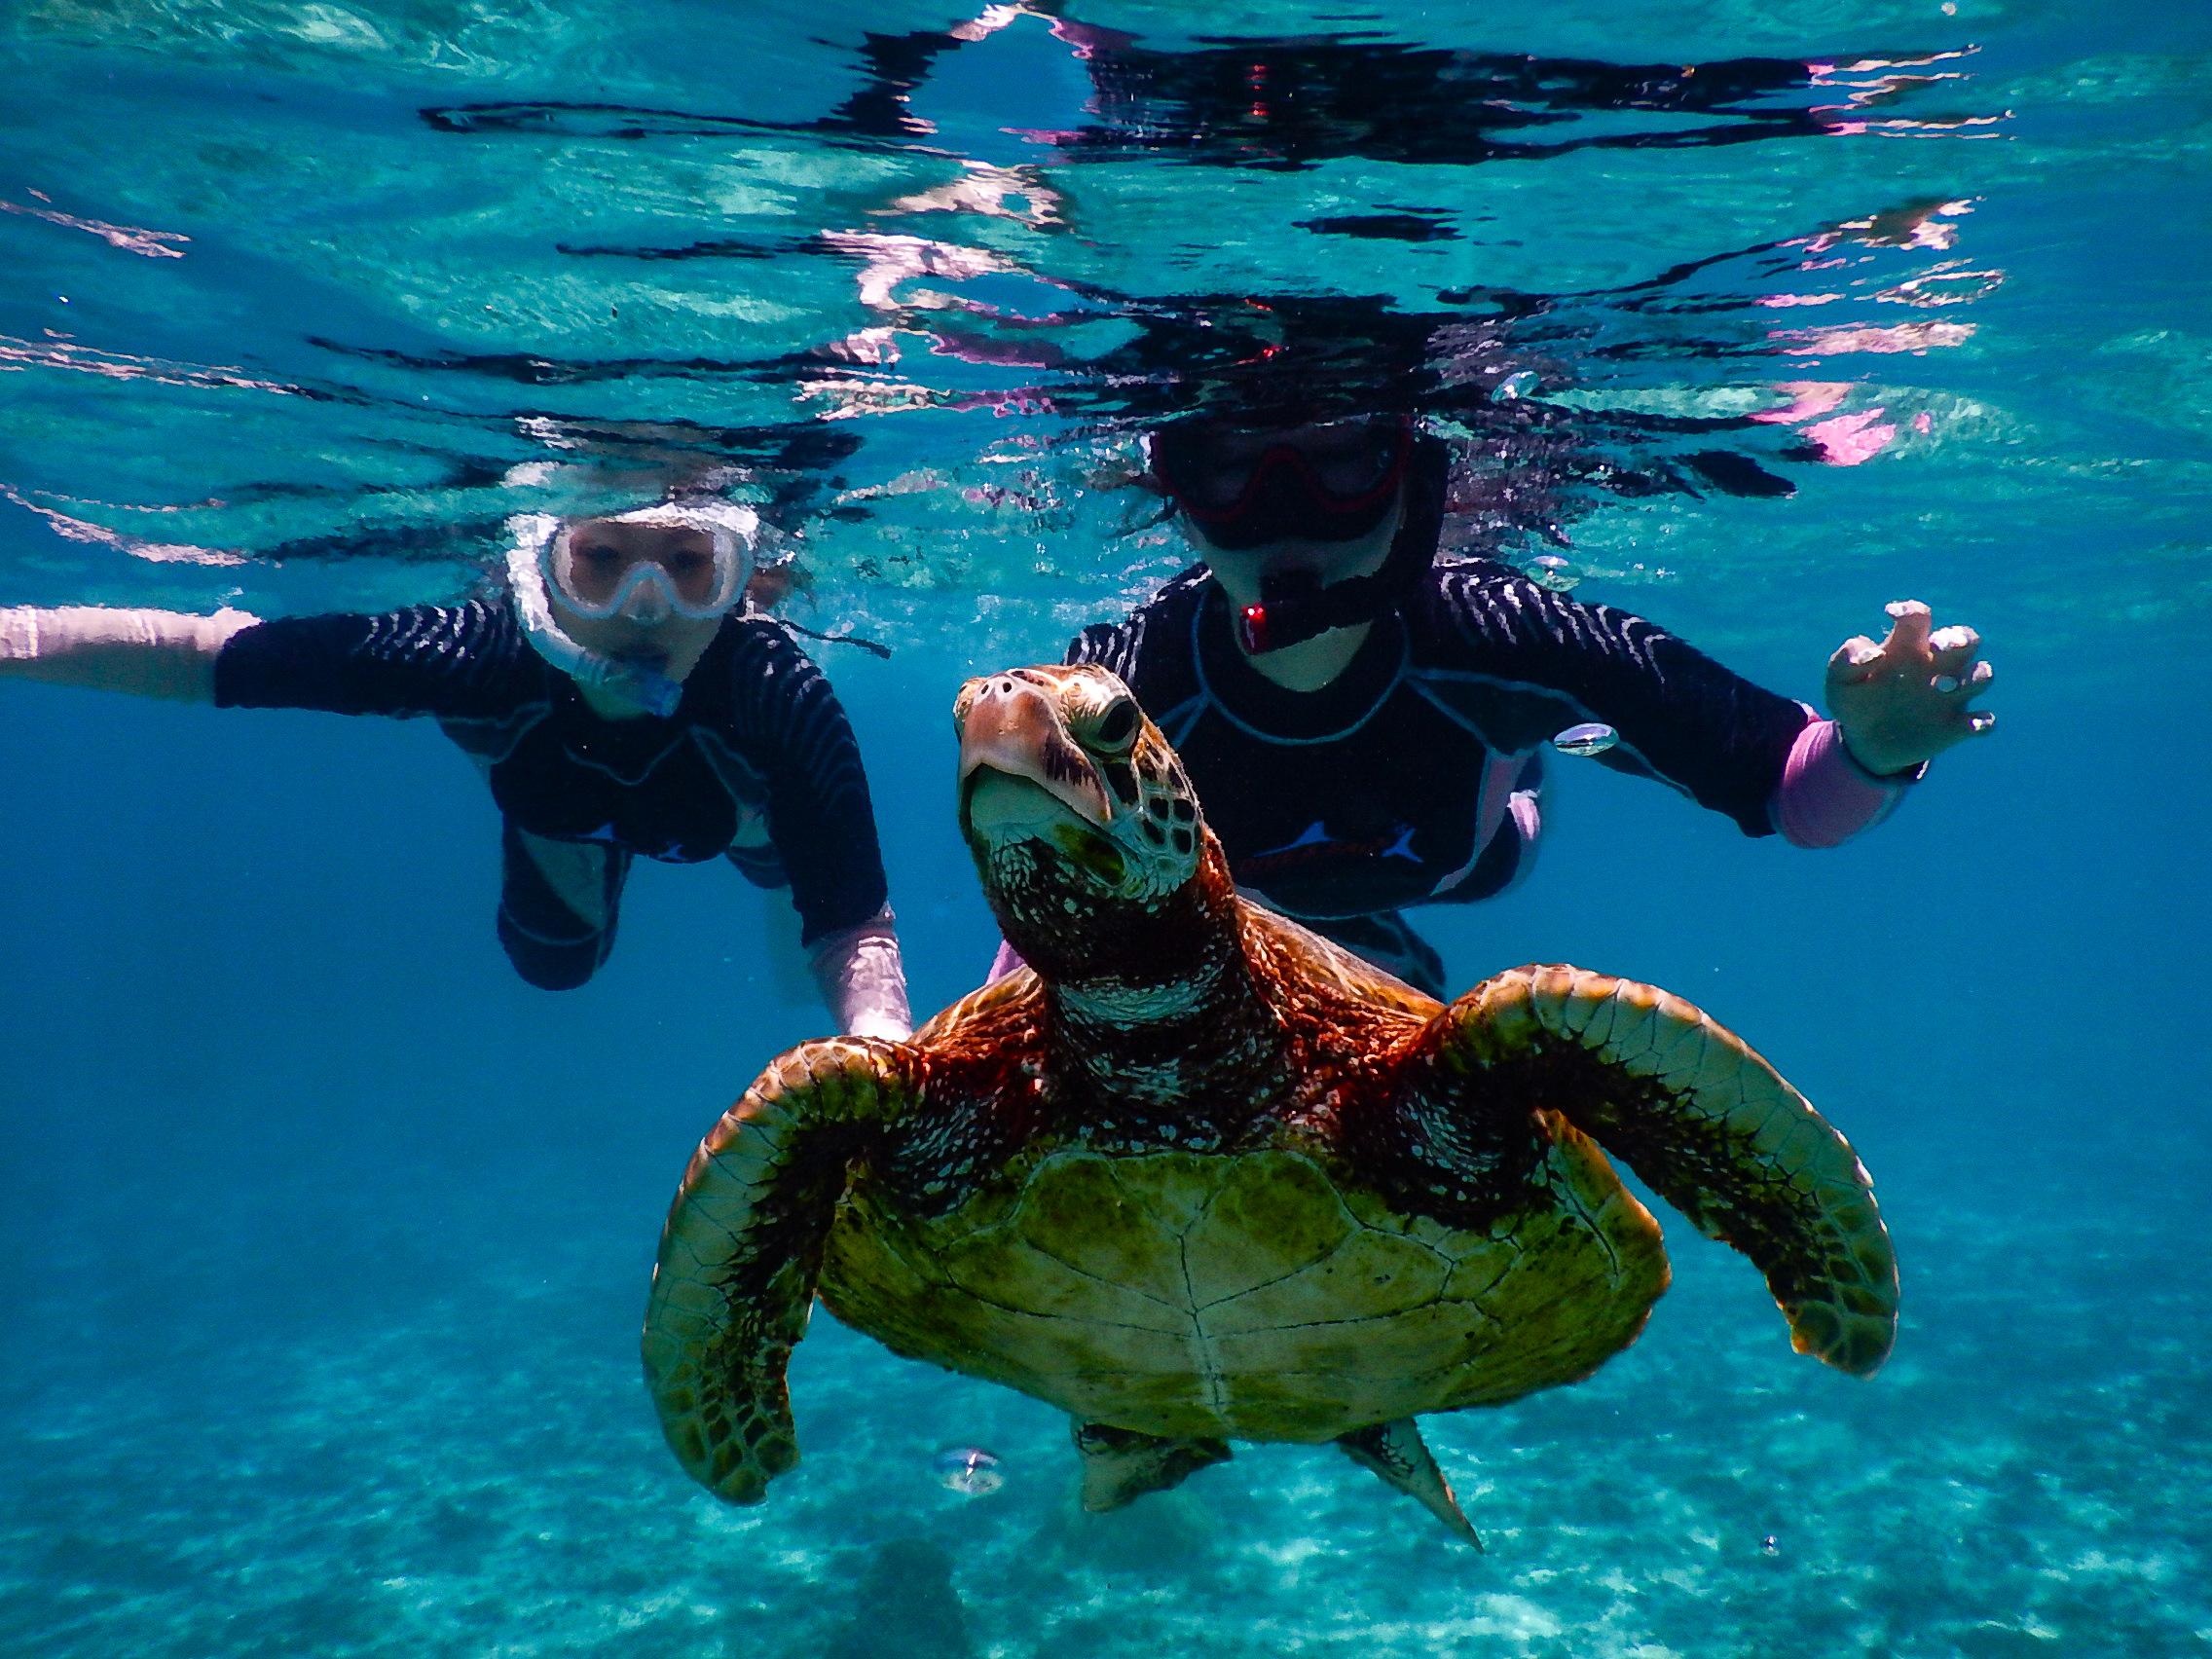 シギラビーチでウミガメとシュノーケリングを楽しむ